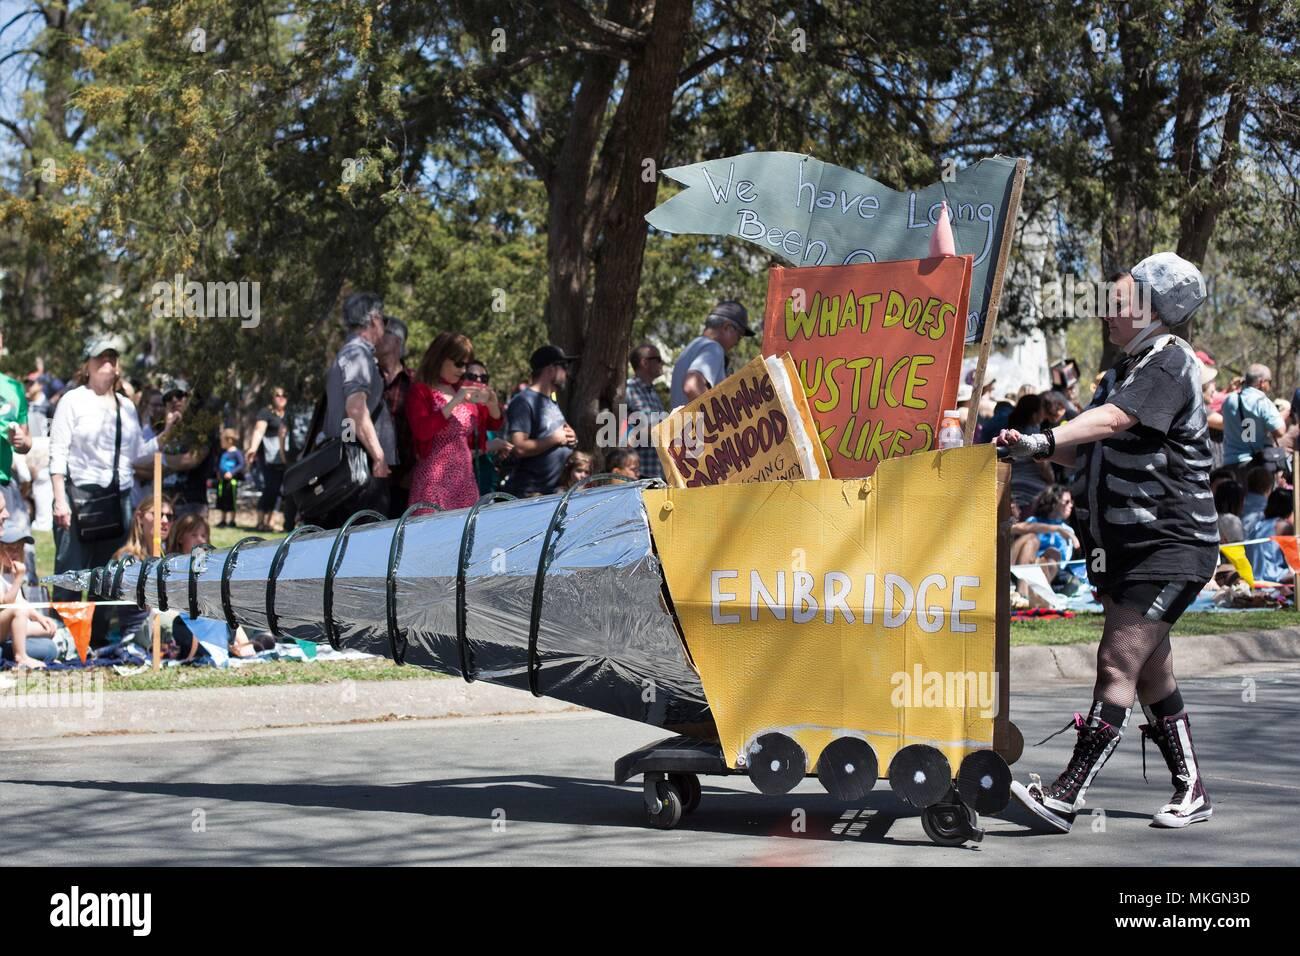 Una persona protestando Enbridge, en el festival del Día de Mayo en Minneapolis, Minnesota, USA. Imagen De Stock